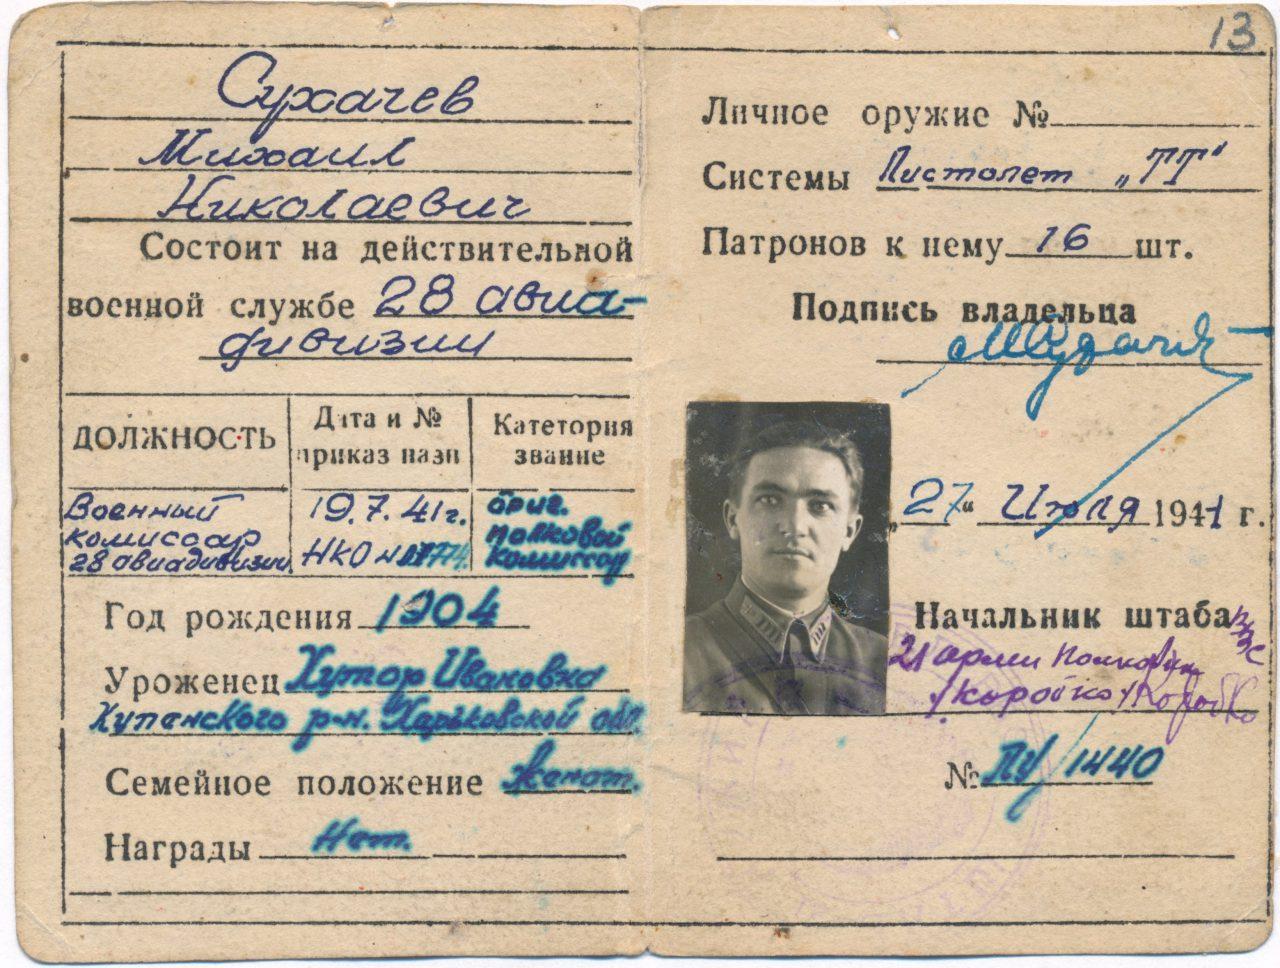 Супруги-москвичи передали в дар Музею Победы около 100 реликвий военных лет